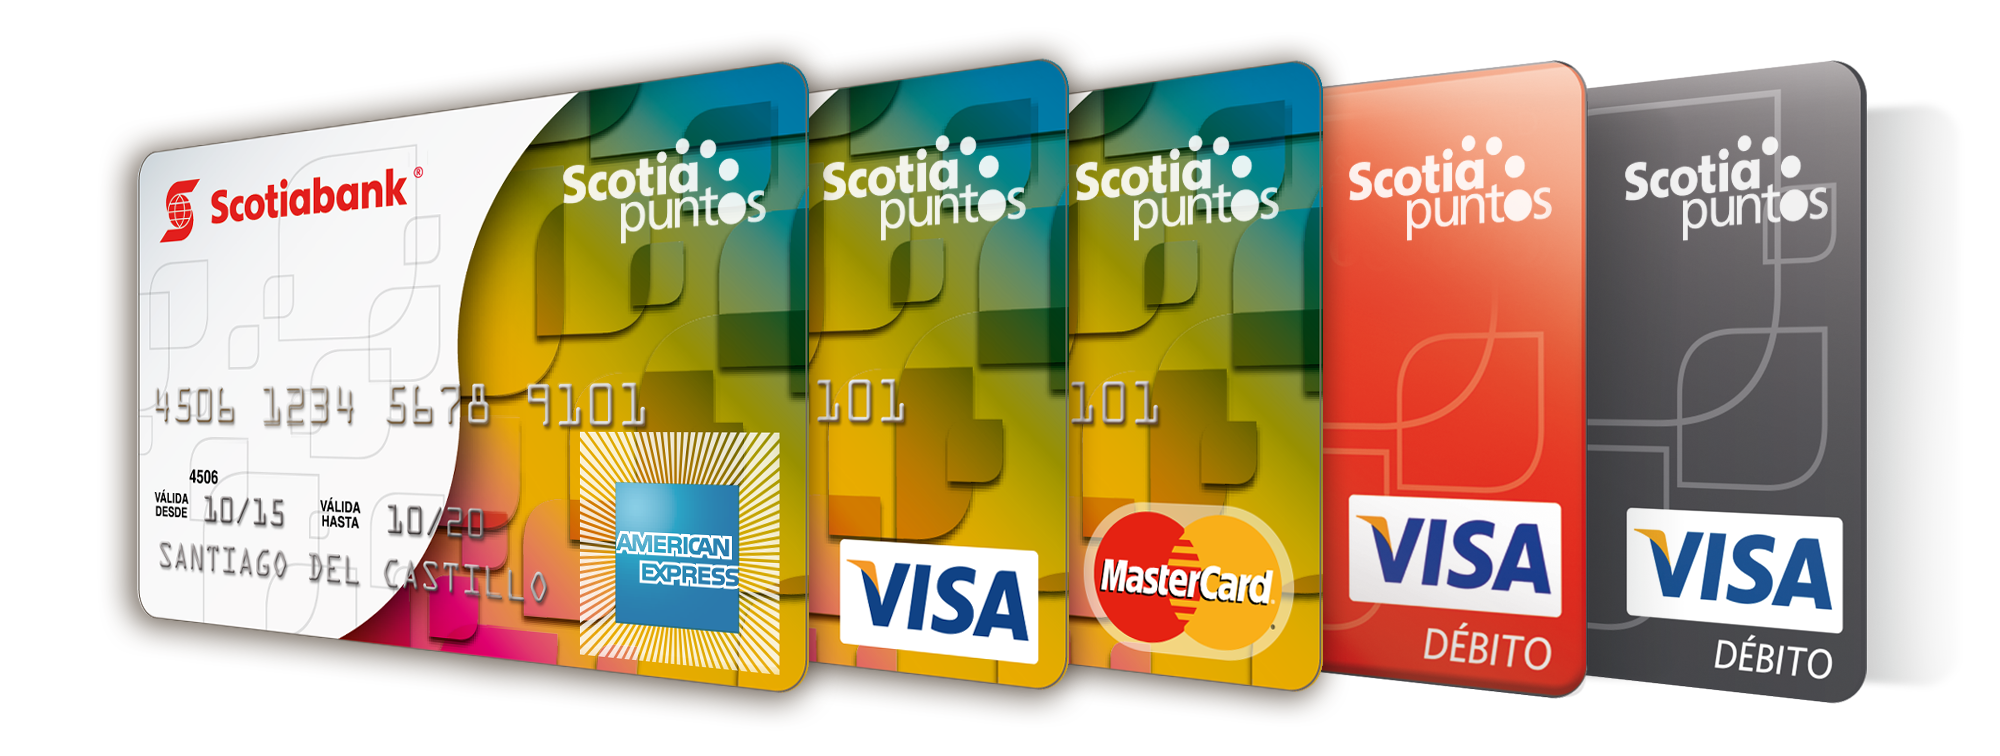 Scotia puntos Habilitar visa debito para el exterior